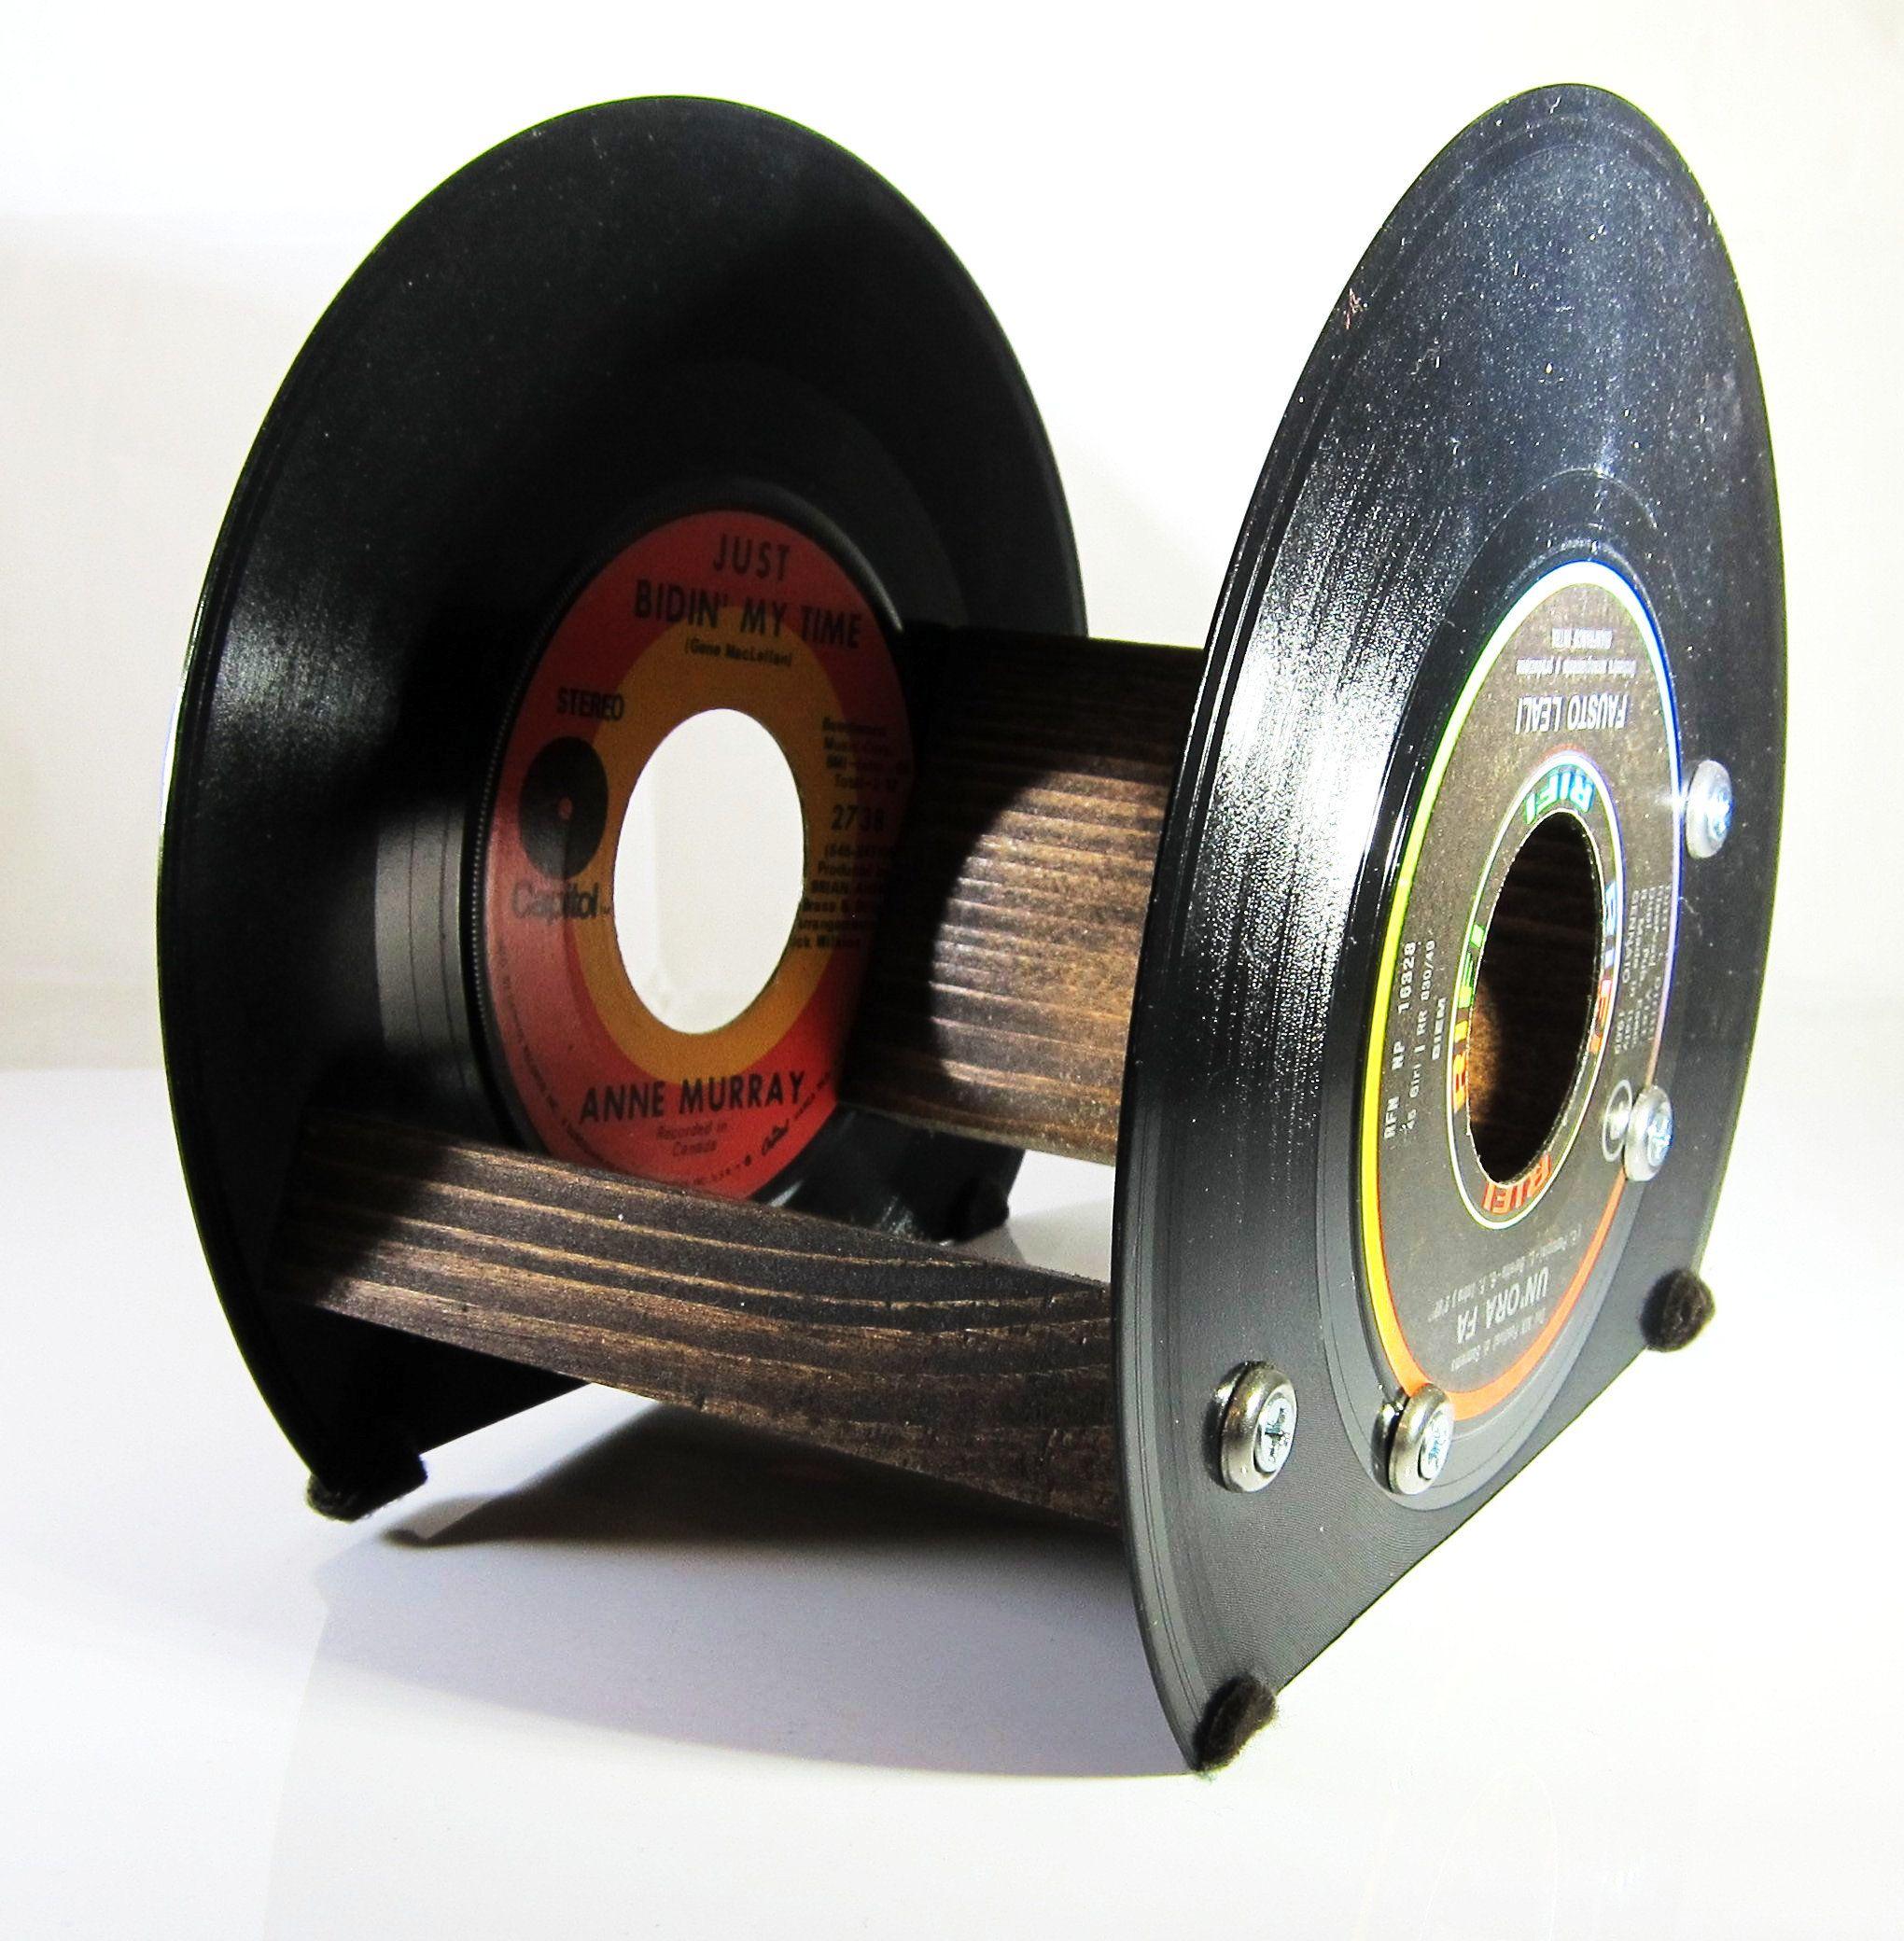 Ceramic Tile Holder Cd Holder Recycled 45 Records Dvd Holder